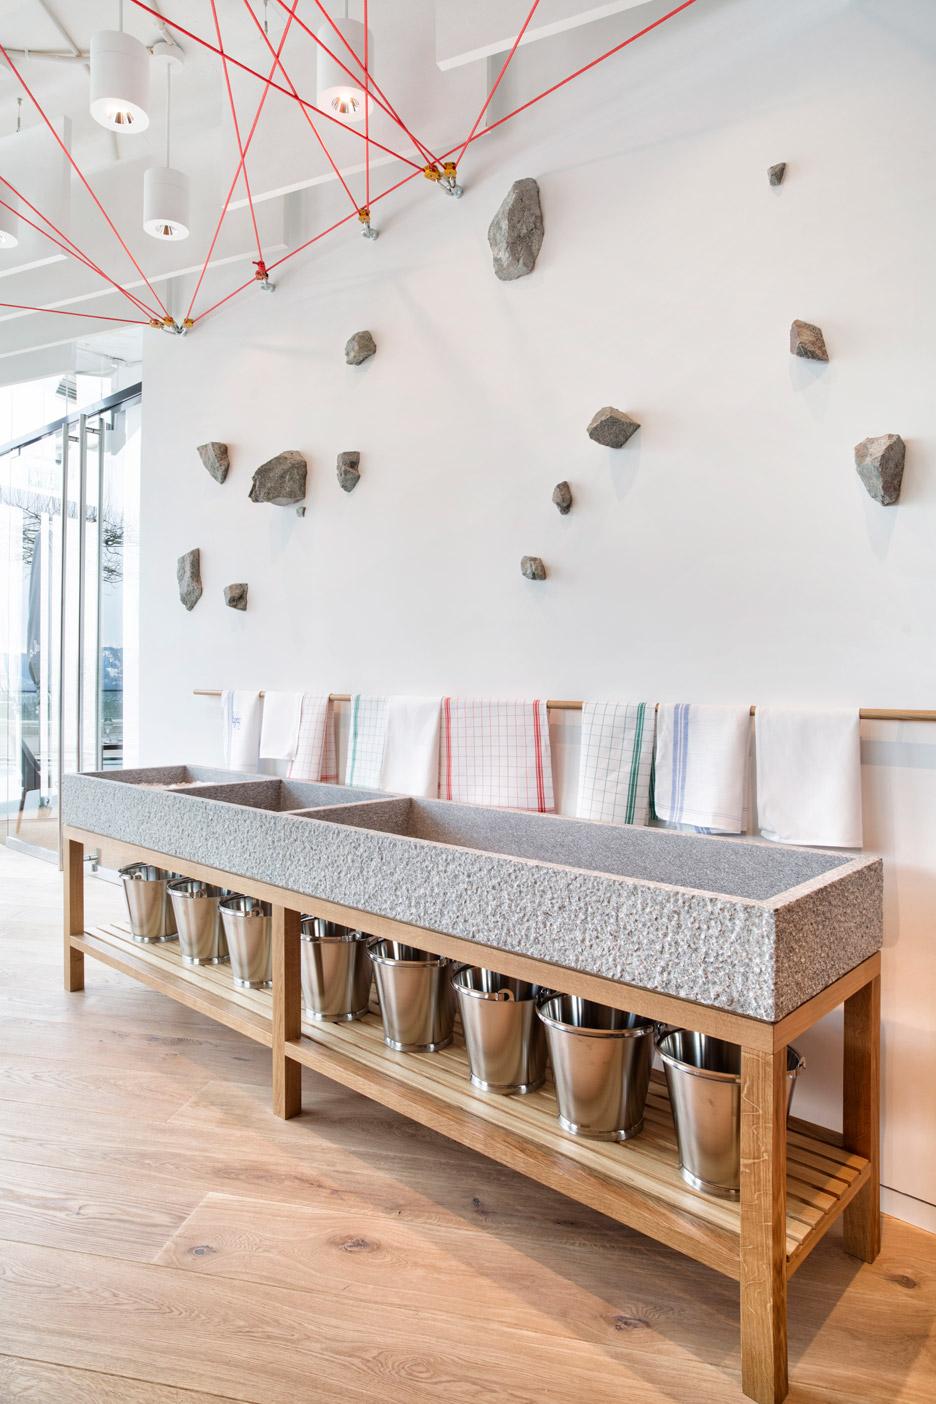 architecture_saltz_restaurant_the_dolder_grand_design_studia_interiors_osnovadesign_osnova_poltava_10